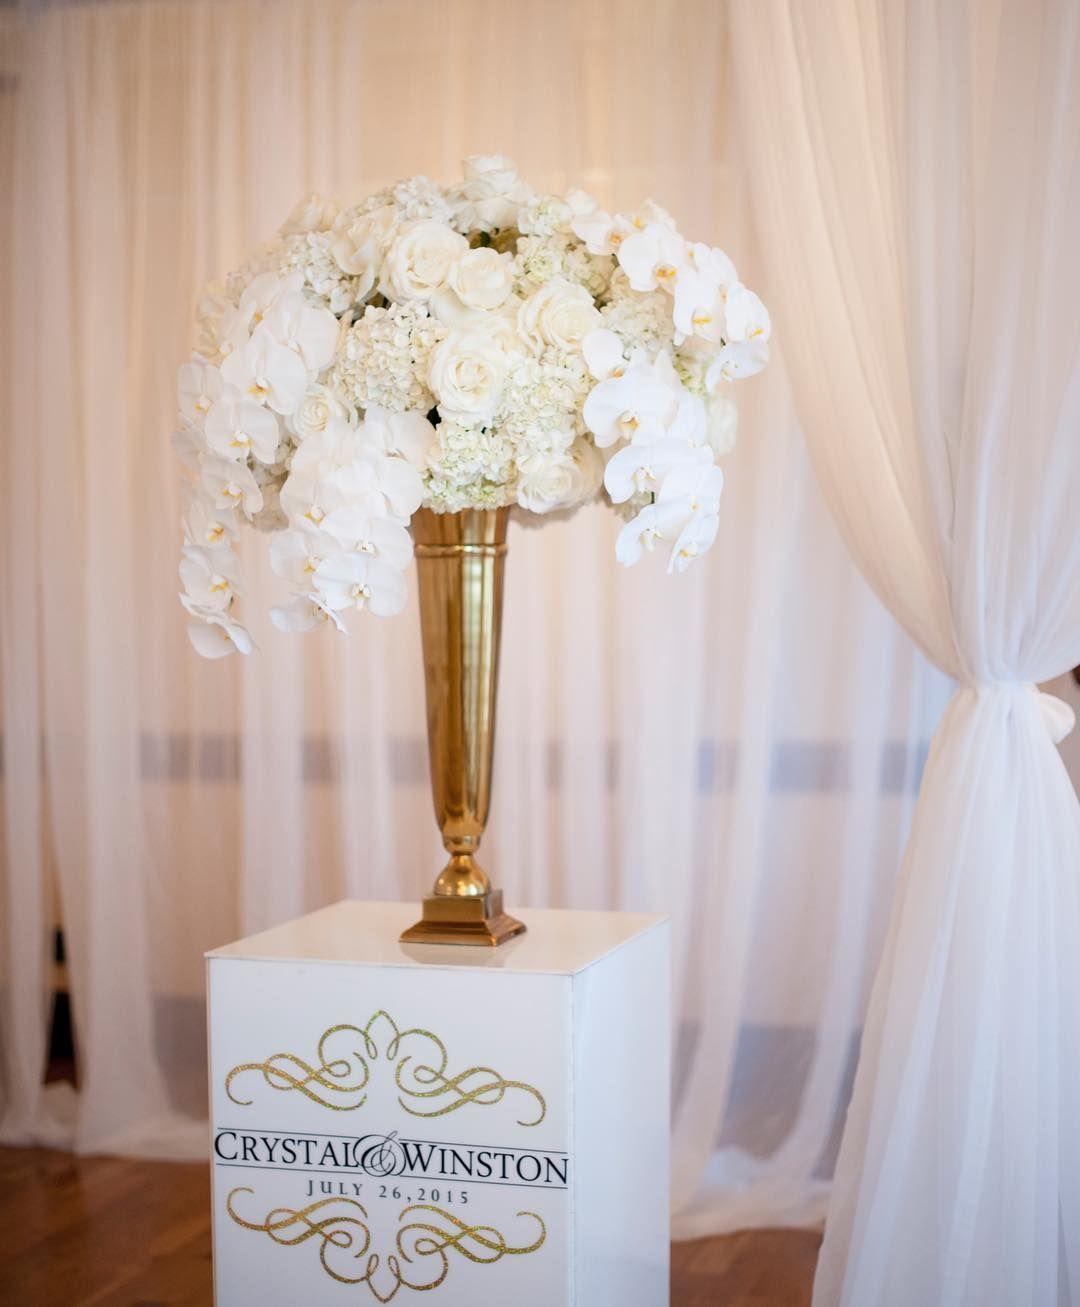 Floral event u interior designer trini brooklynite columbia alum